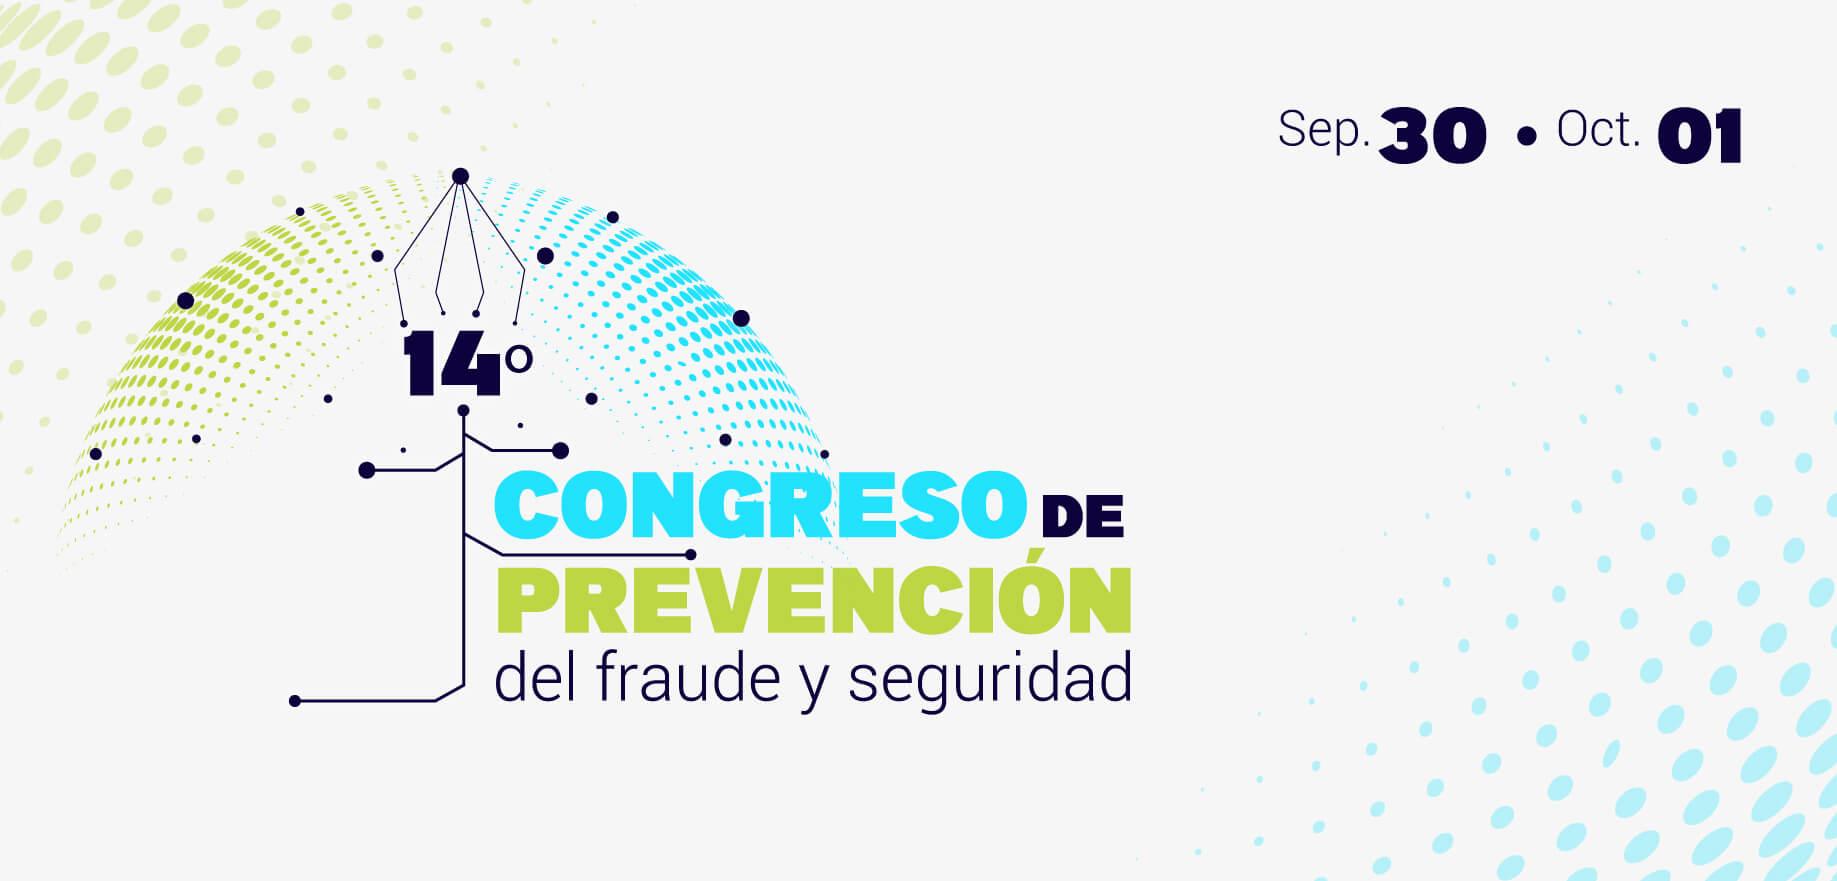 14° Congreso de prevención del fraude y seguridad